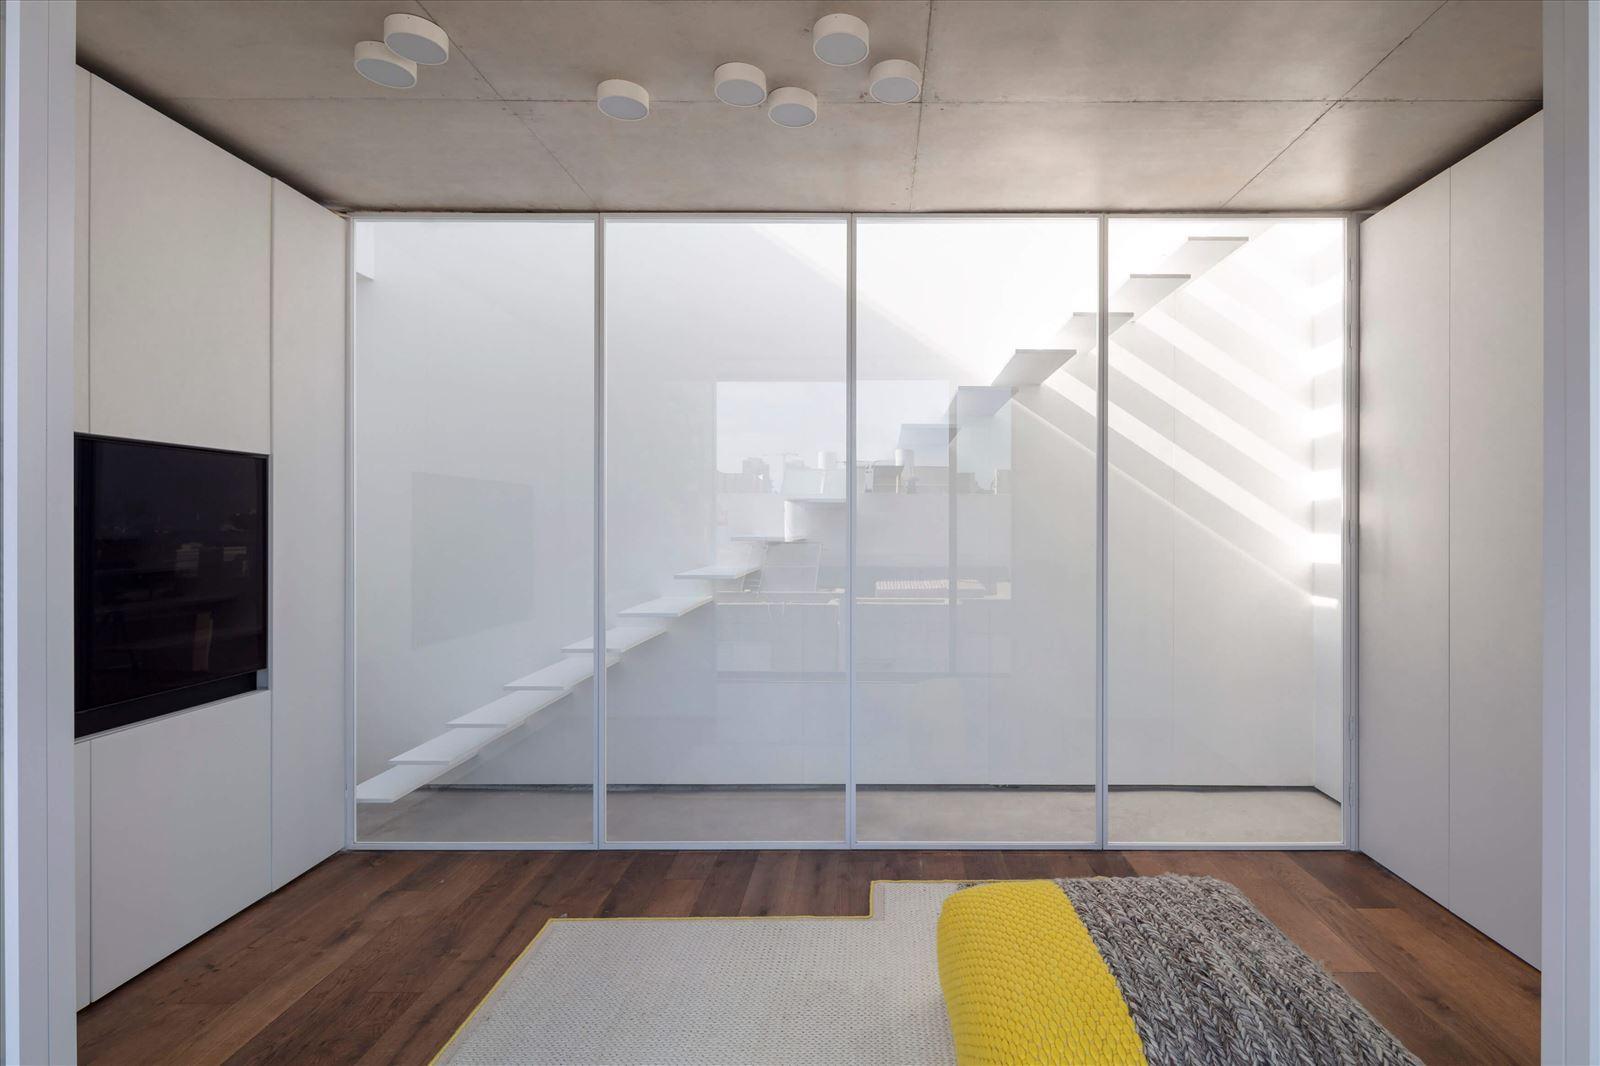 תאורת תקרה בחדר מבית קמחי תאורה